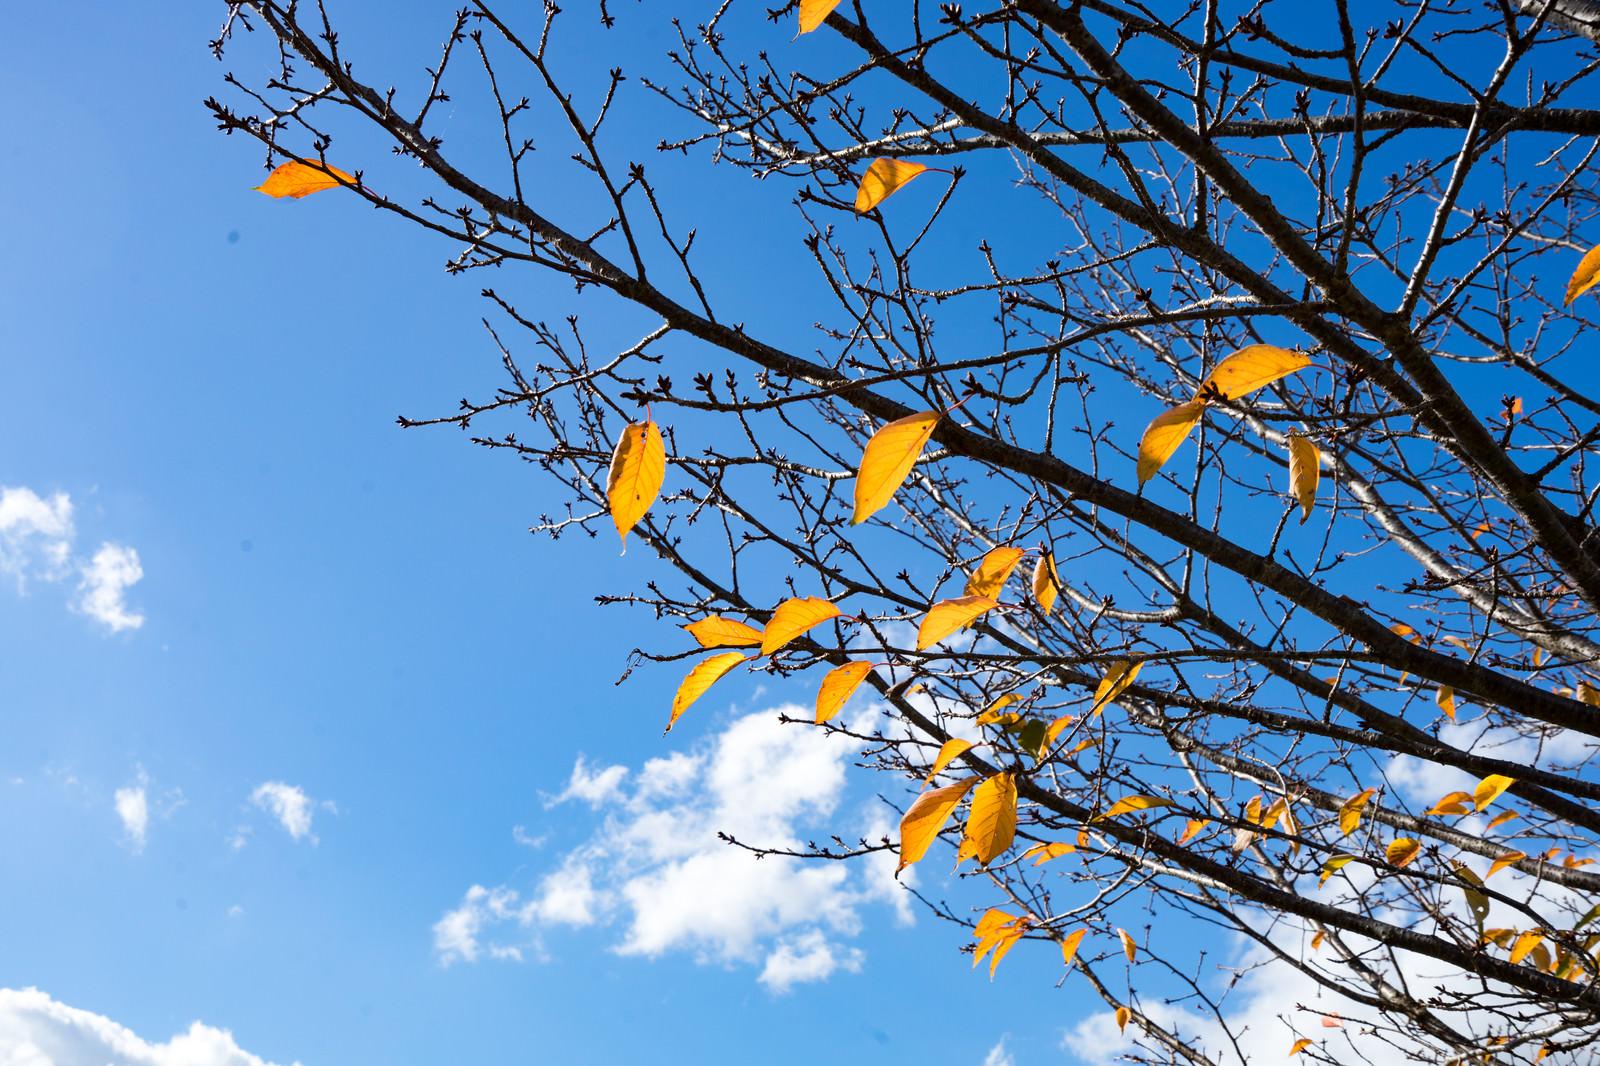 「枝の残る紅葉と青空」の写真